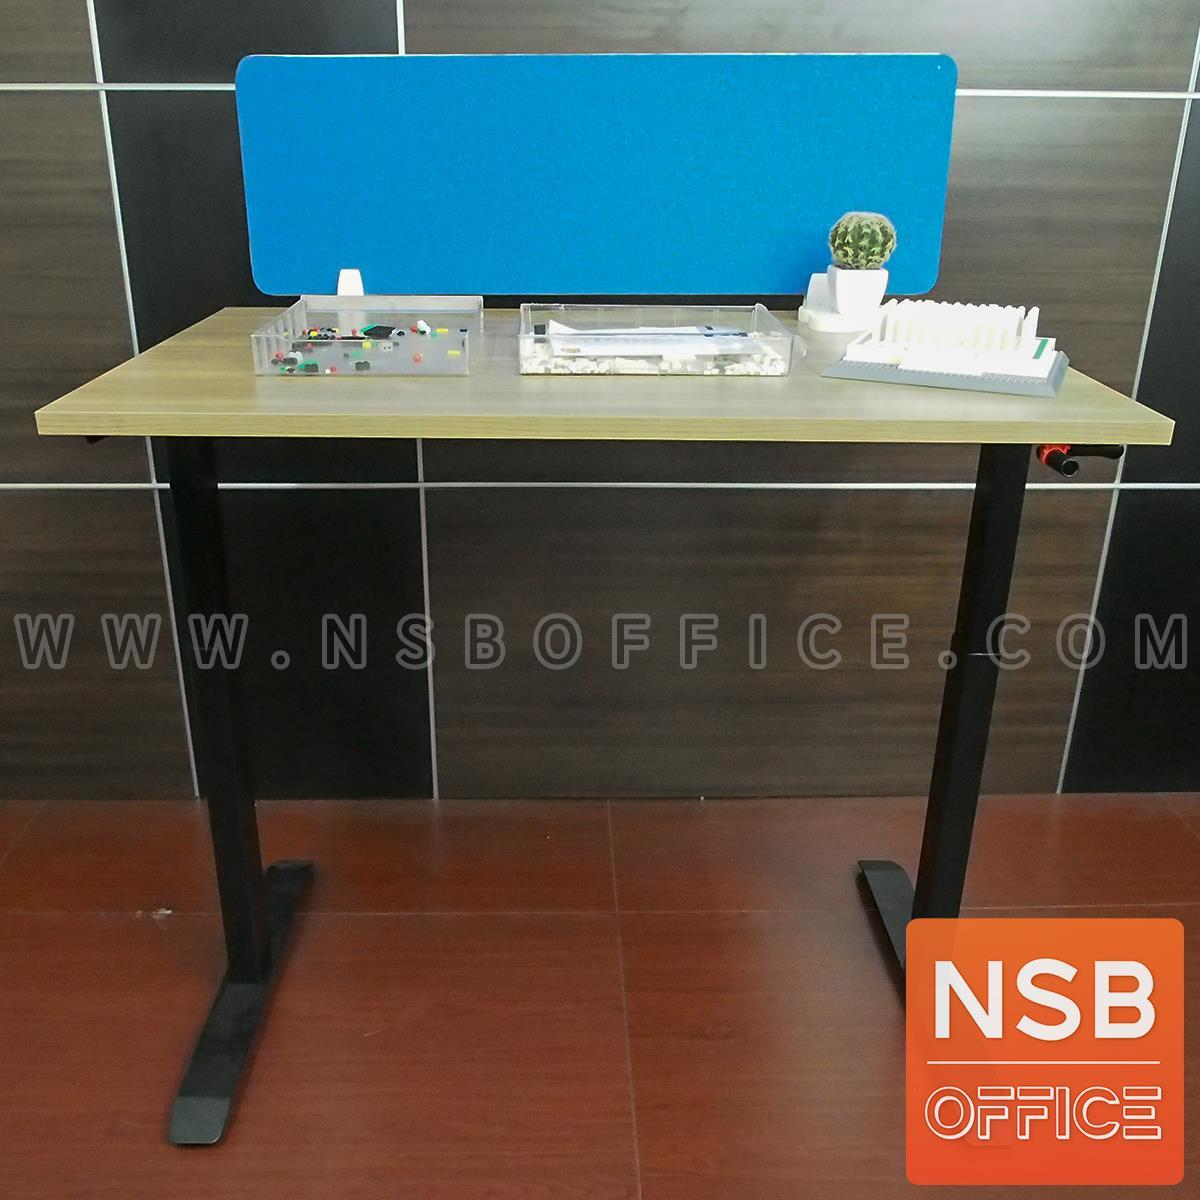 โต๊ะทำงานปรับระดับ Sit 2 Stand  รุ่น XD-01 ขนาด 150W, 160W และ 180W cm. ระบบมือหมุน